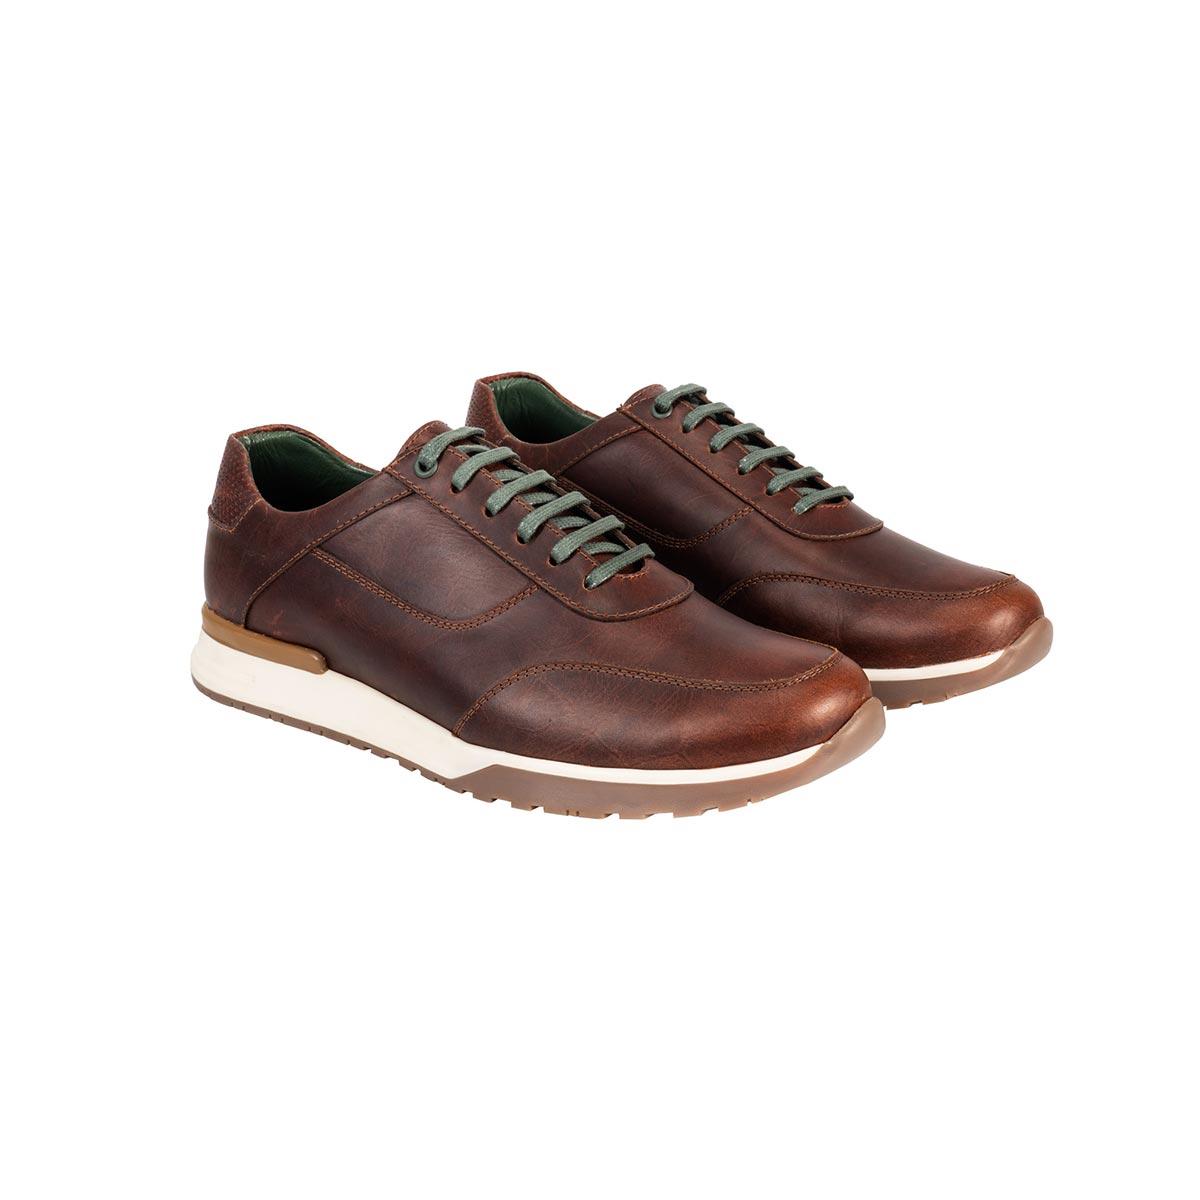 081-zapato-composition